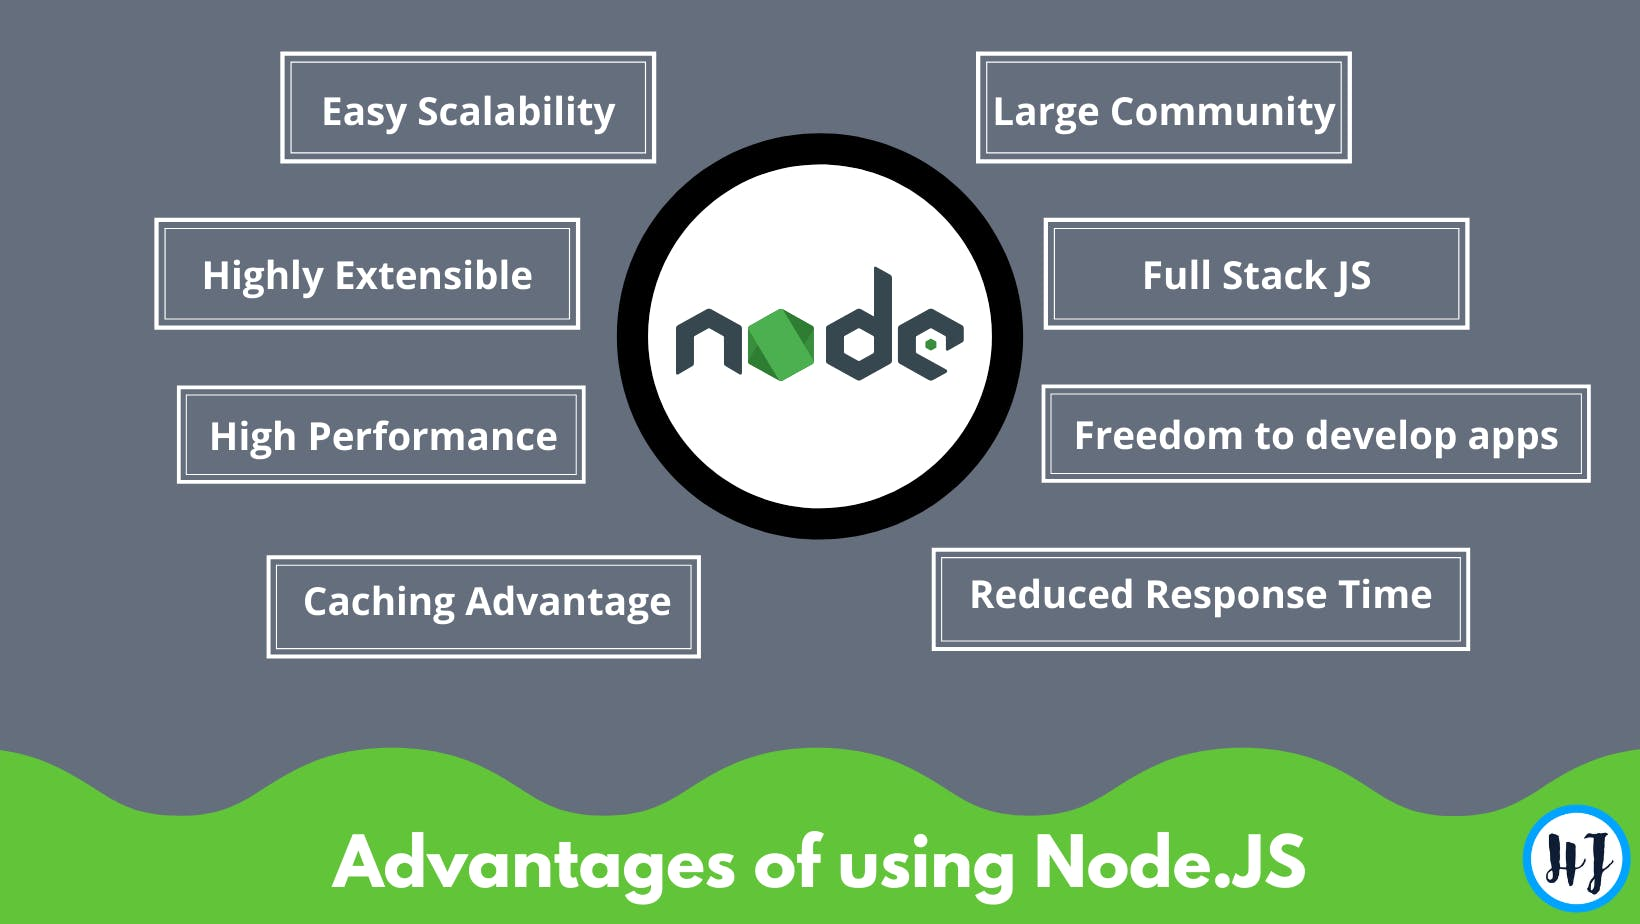 nodejs advantages.png